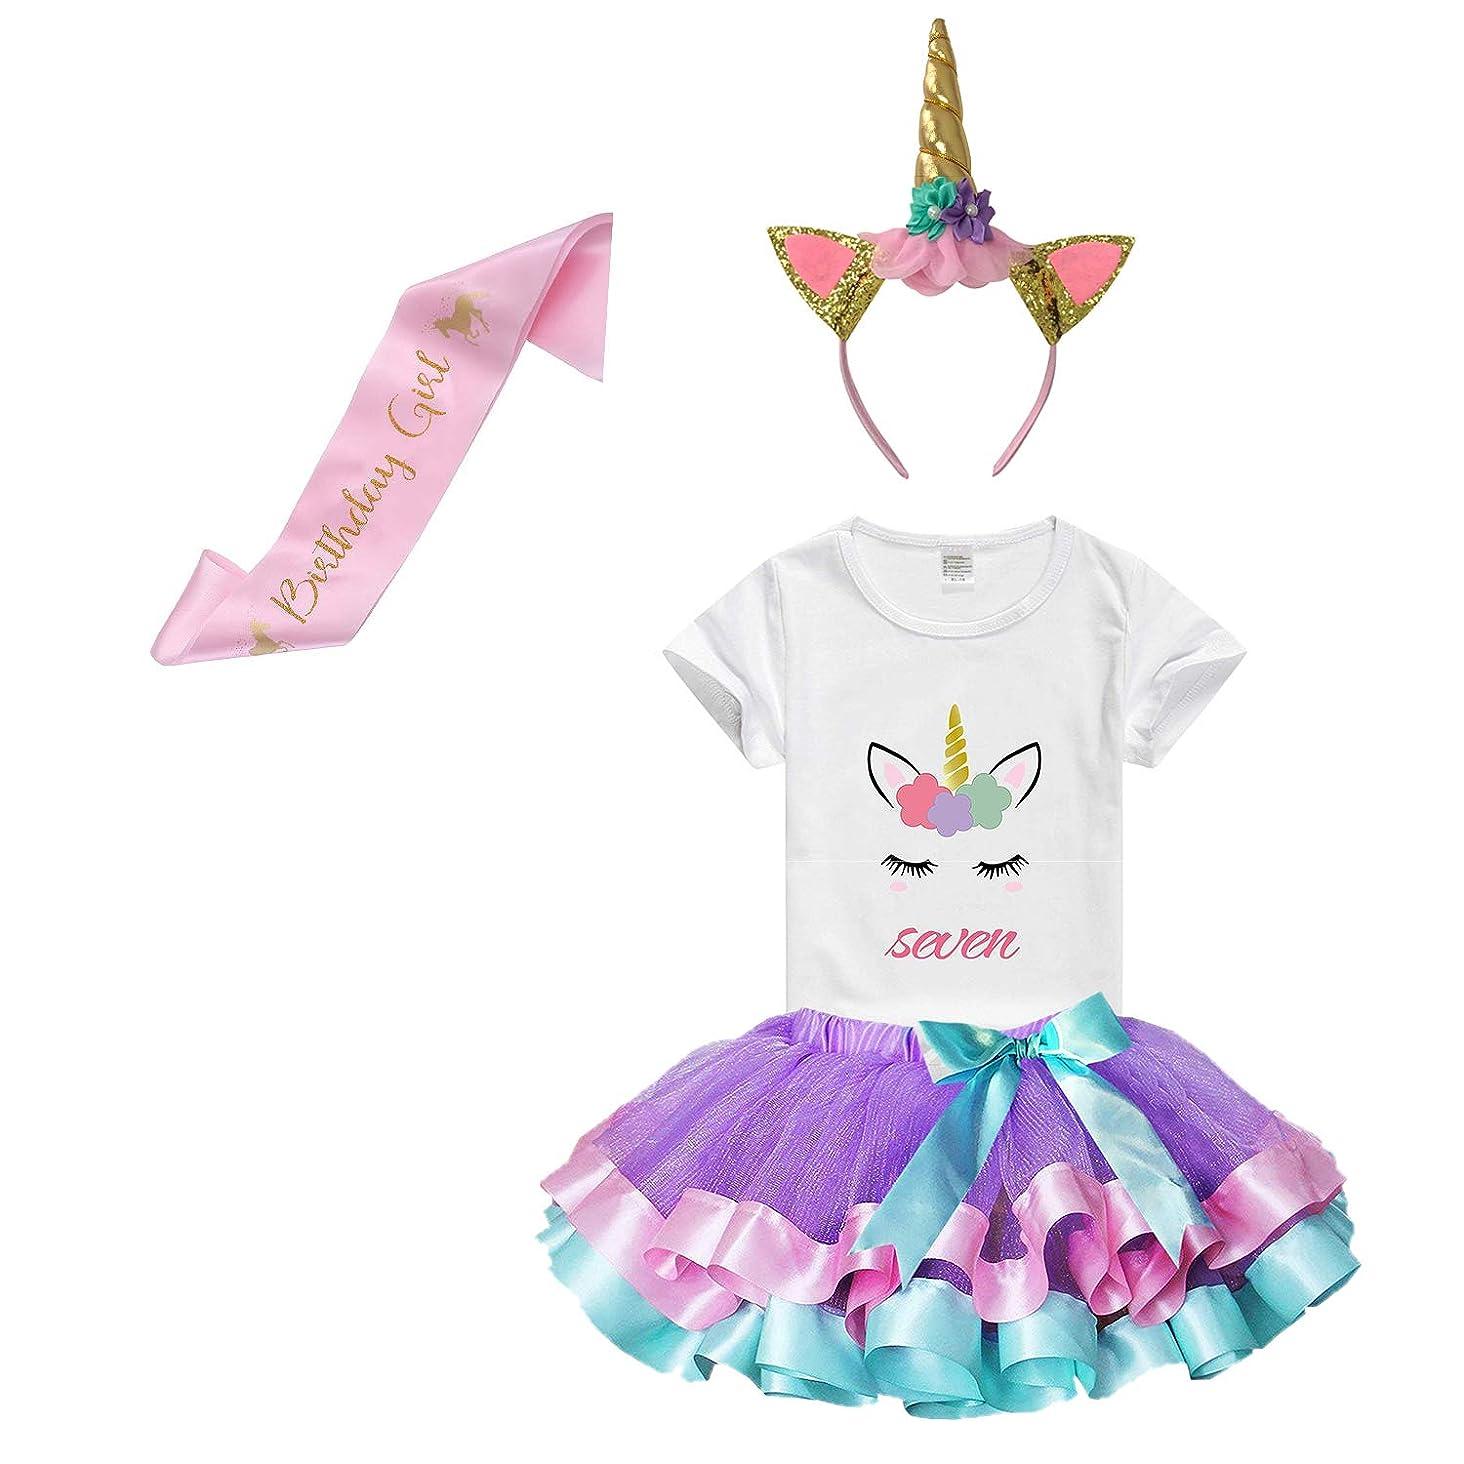 Girls Rainbow Tutu Skirt with Birthday Unicorn Tshirt & Unicorn Headband